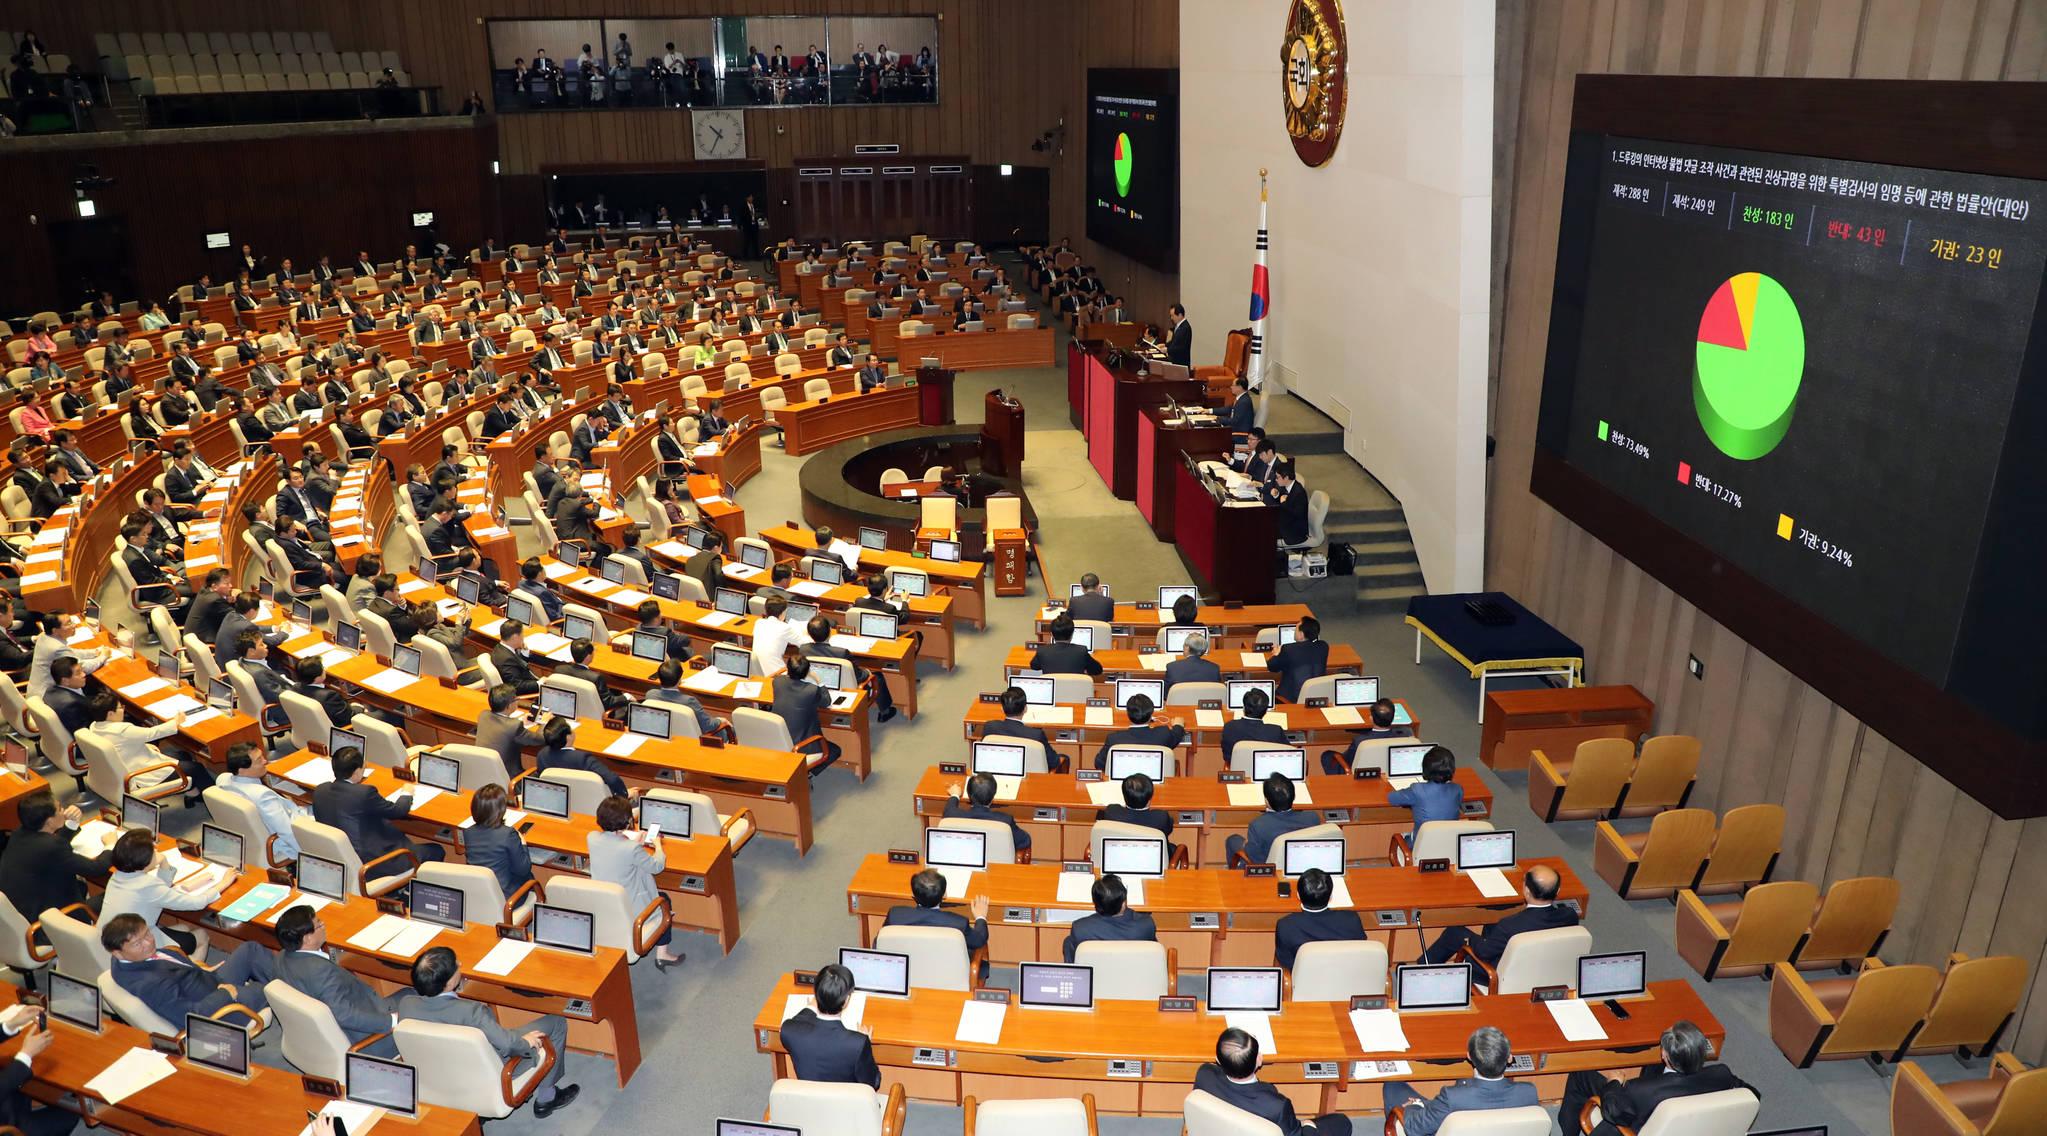 21일 국회에서 열린 본회의에서 드루킹의 인터넷상 불법 댓글 조작 사건과 관련된 진상규명을 위한 특별검사의 임명 등에 관한 법률안(대안)이 통과되고 있다. [연합뉴스]